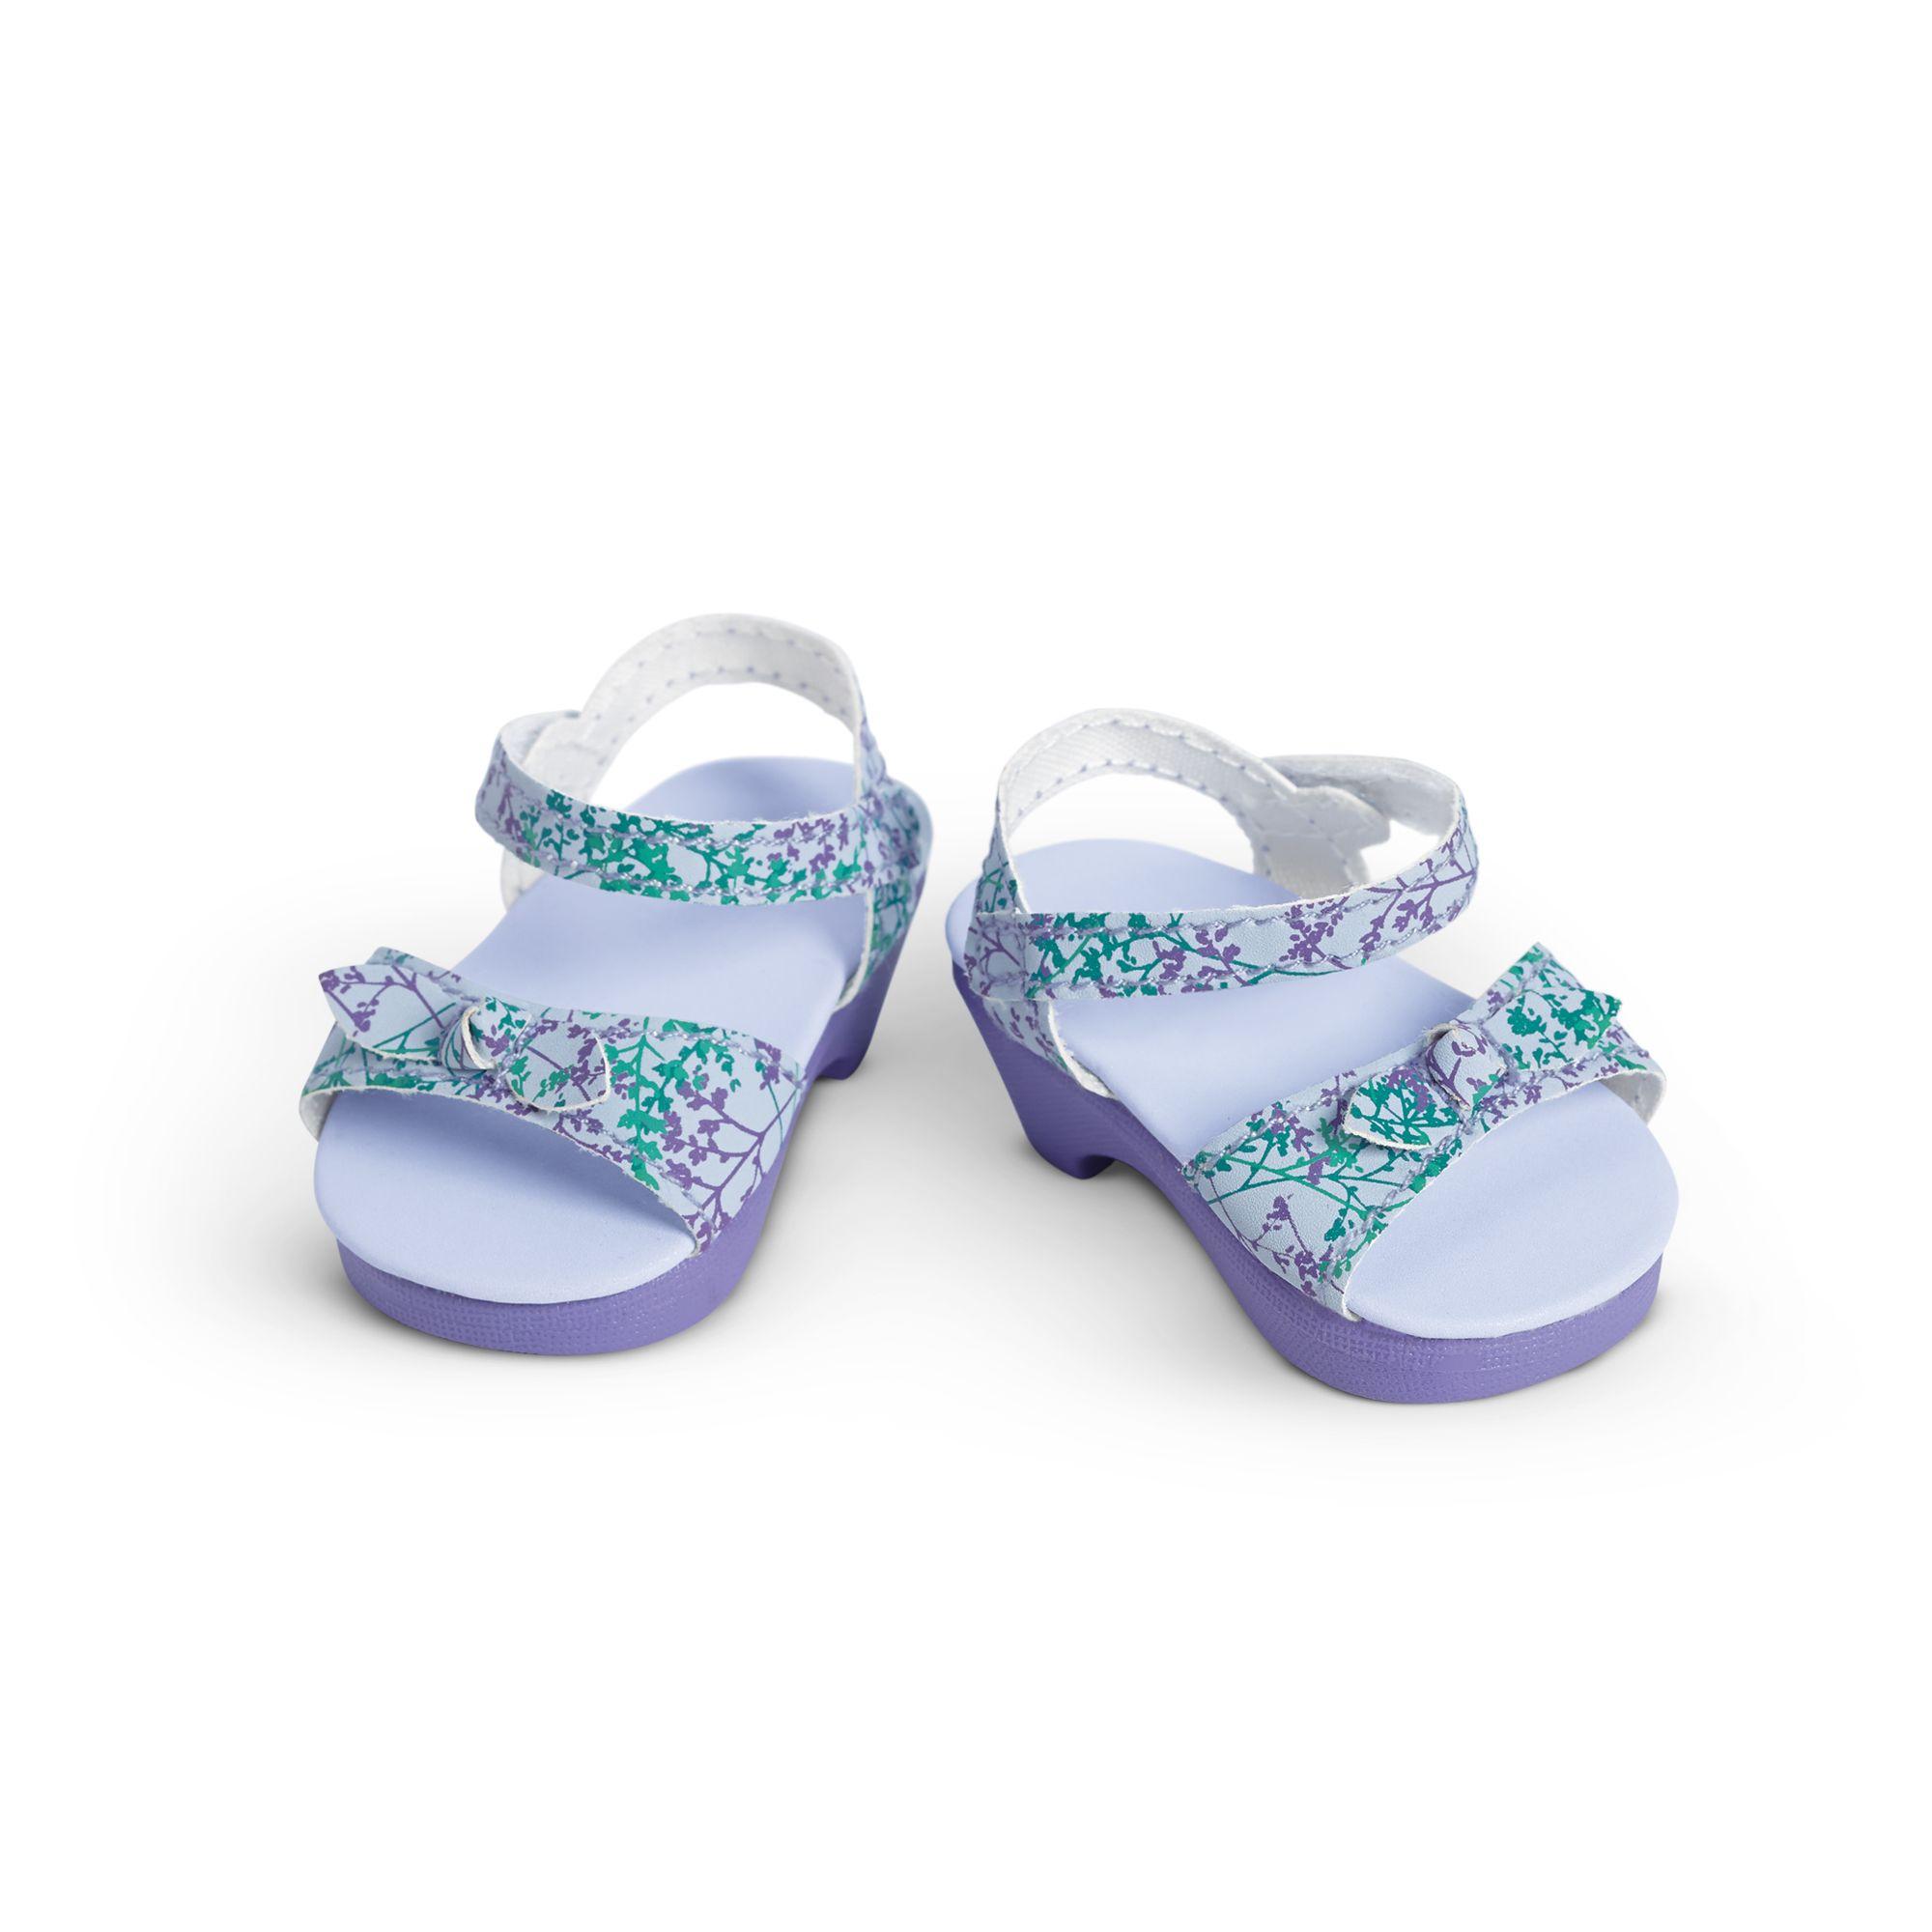 platform sandals american wiki